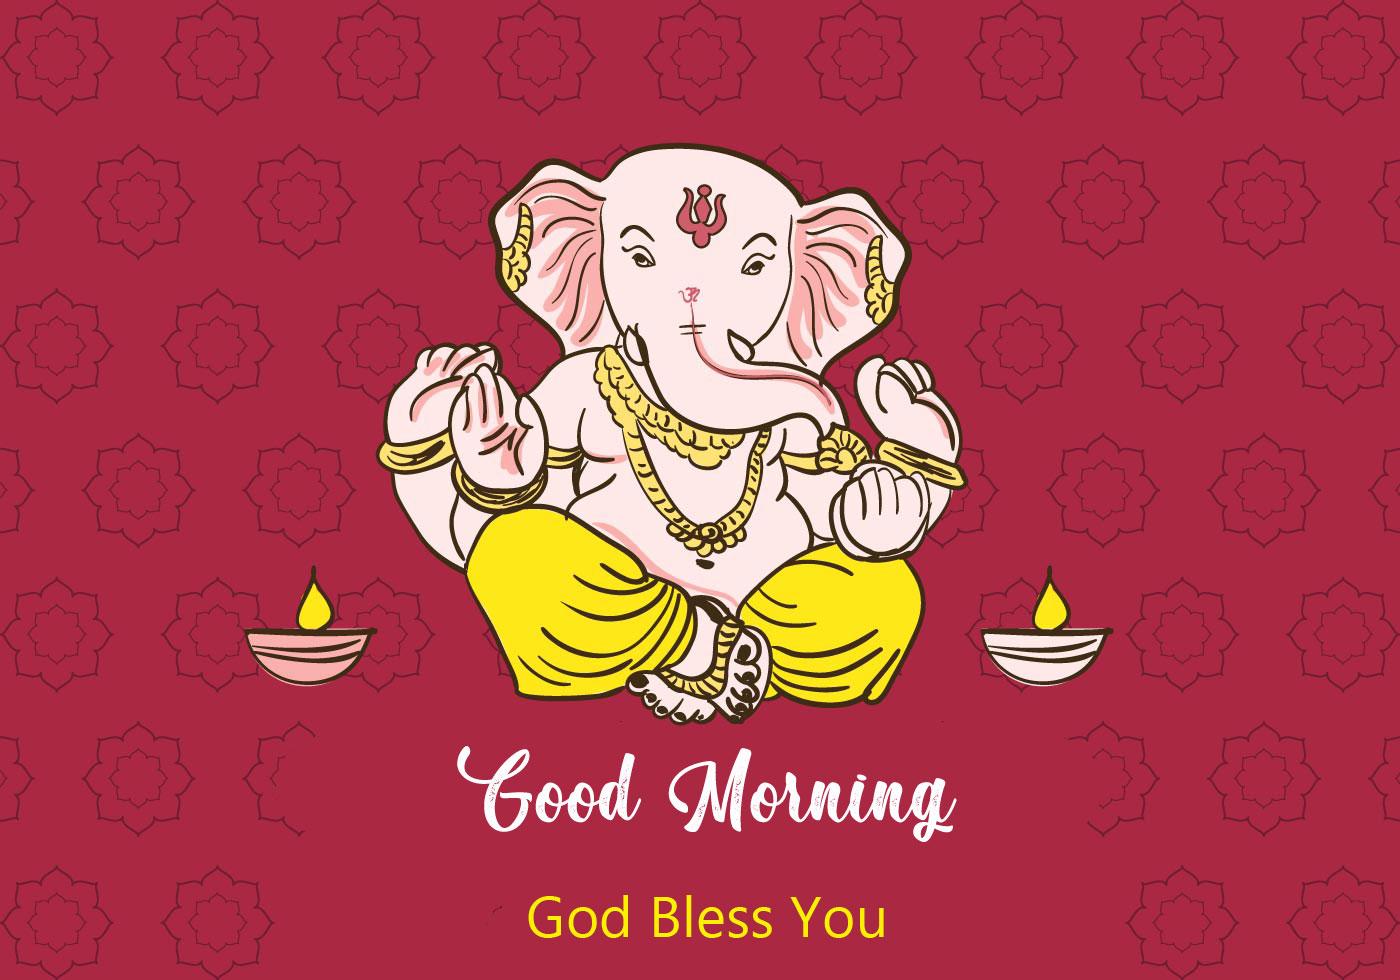 2021 download ganesha good morning images pics